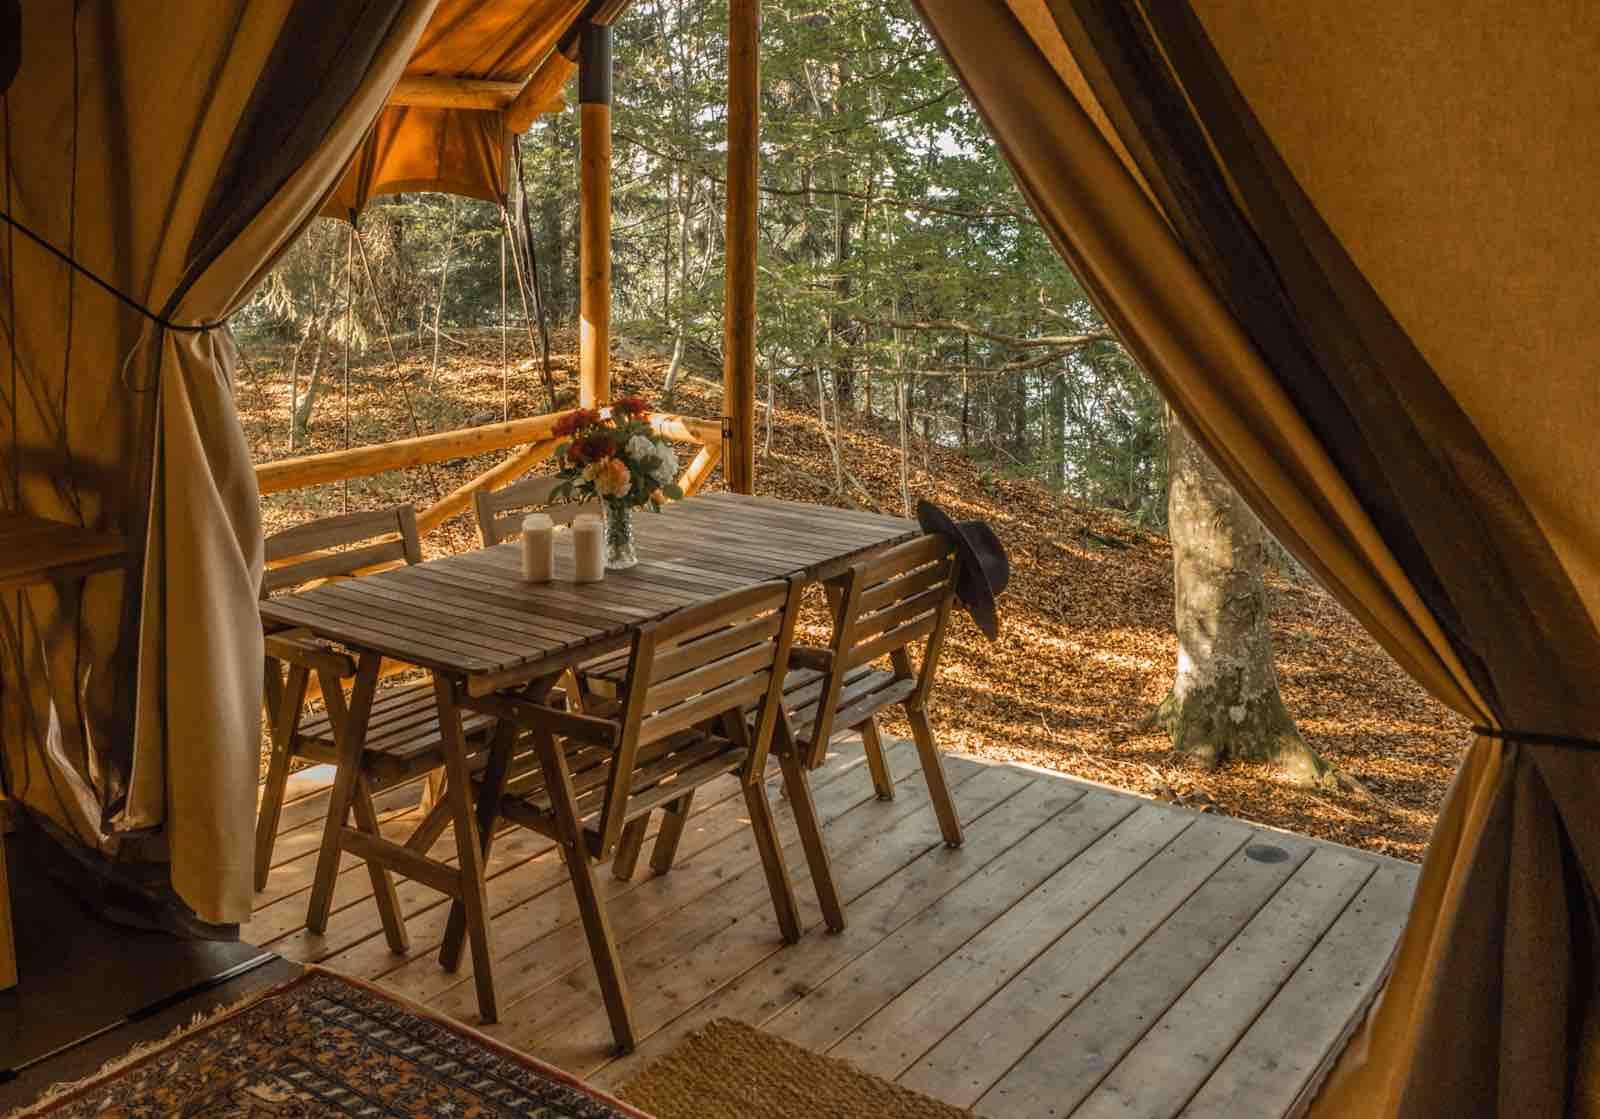 Glam og camping er blitt til Glamping i Sverige, helst ute i villmarka